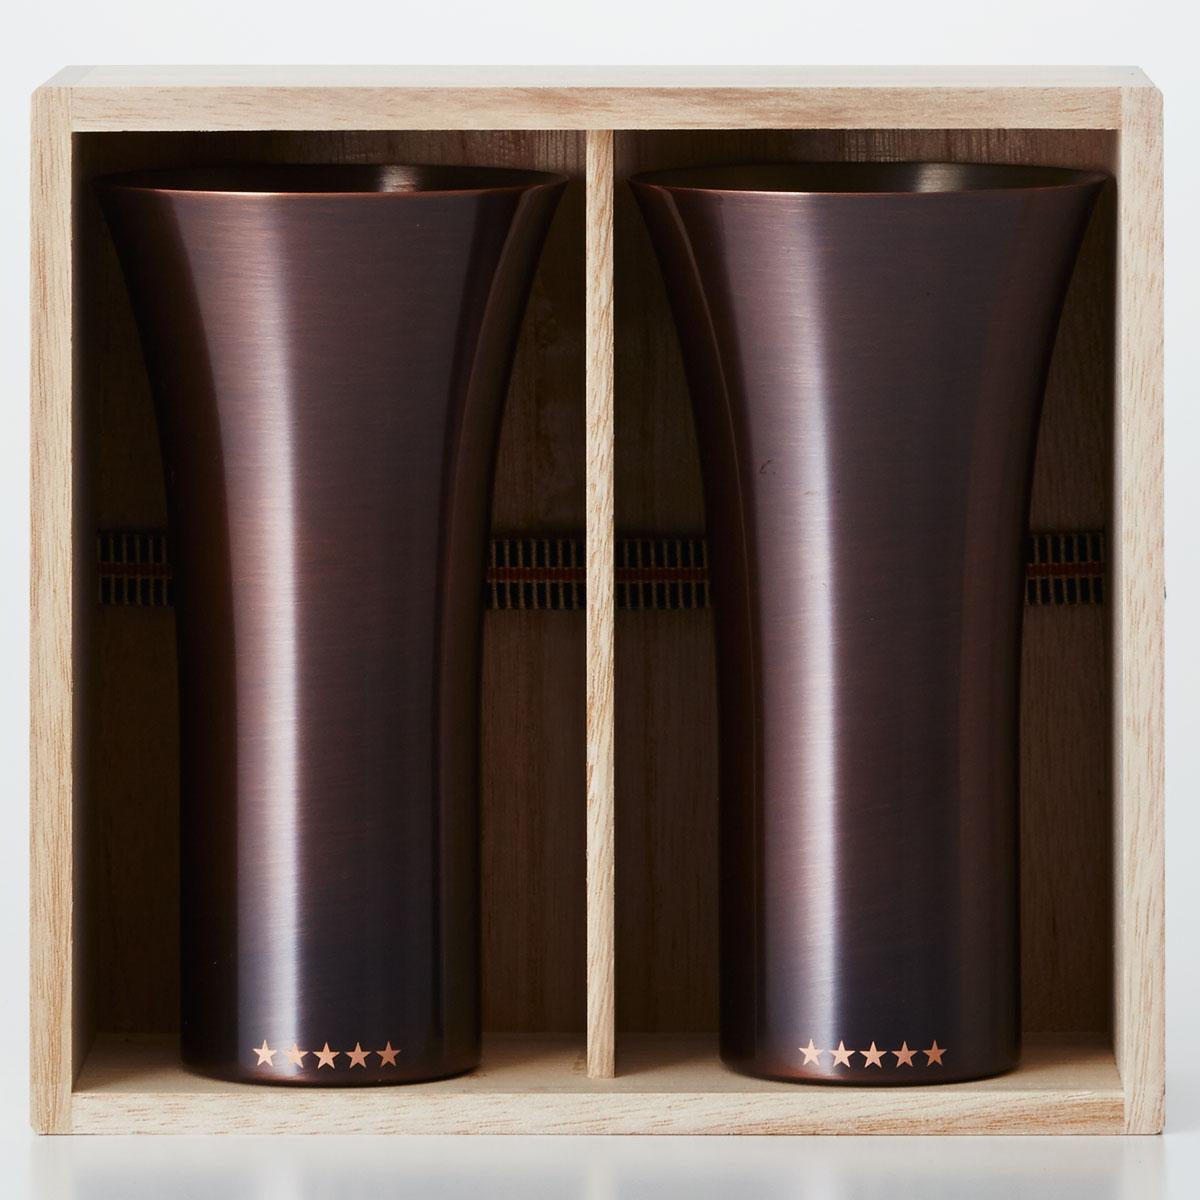 銅製タンブラー WDH 純銅製タンブラー 2個セット 銅製ビールグラス 銅製ビアグラス 銅製カップ ダブリューディーエイチ 銅製タンブラー 380ml ブラウン